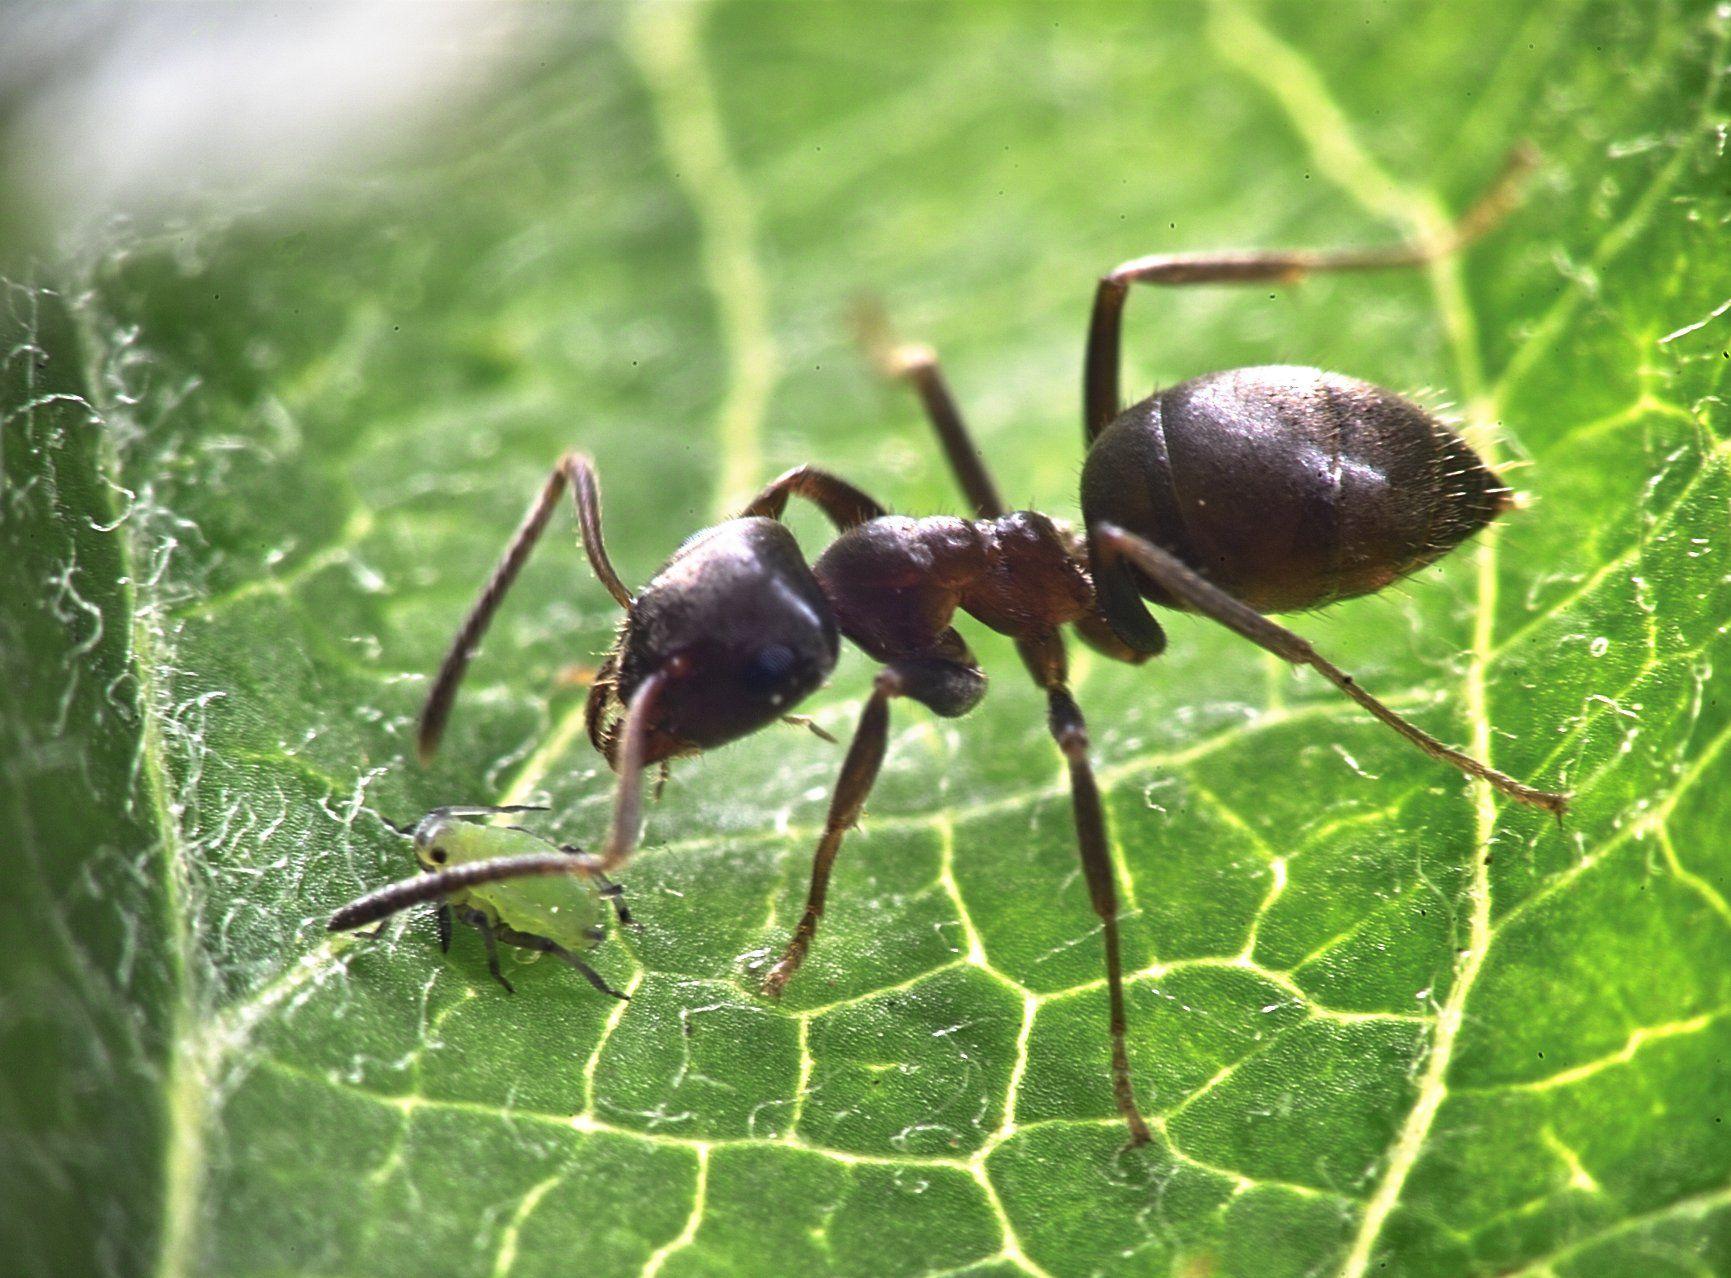 Comment Éloigner Les Fourmis Naturellement Épinglé sur insectes